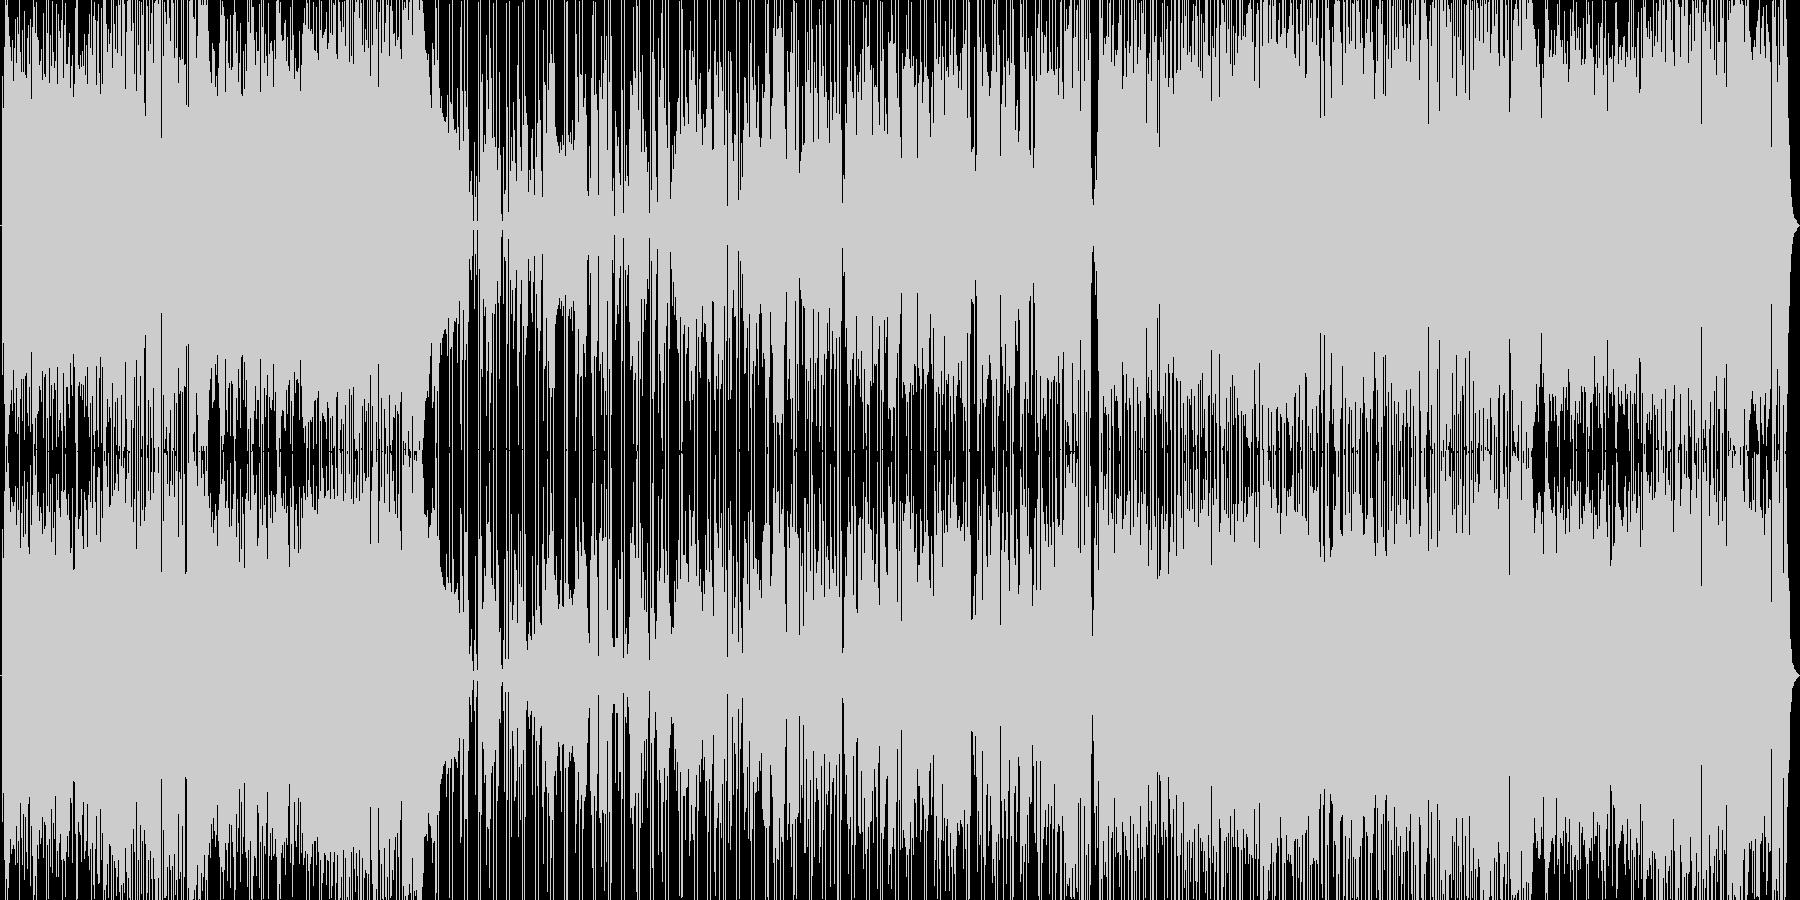 軽快なサックスが印象的な変拍子系インストの未再生の波形